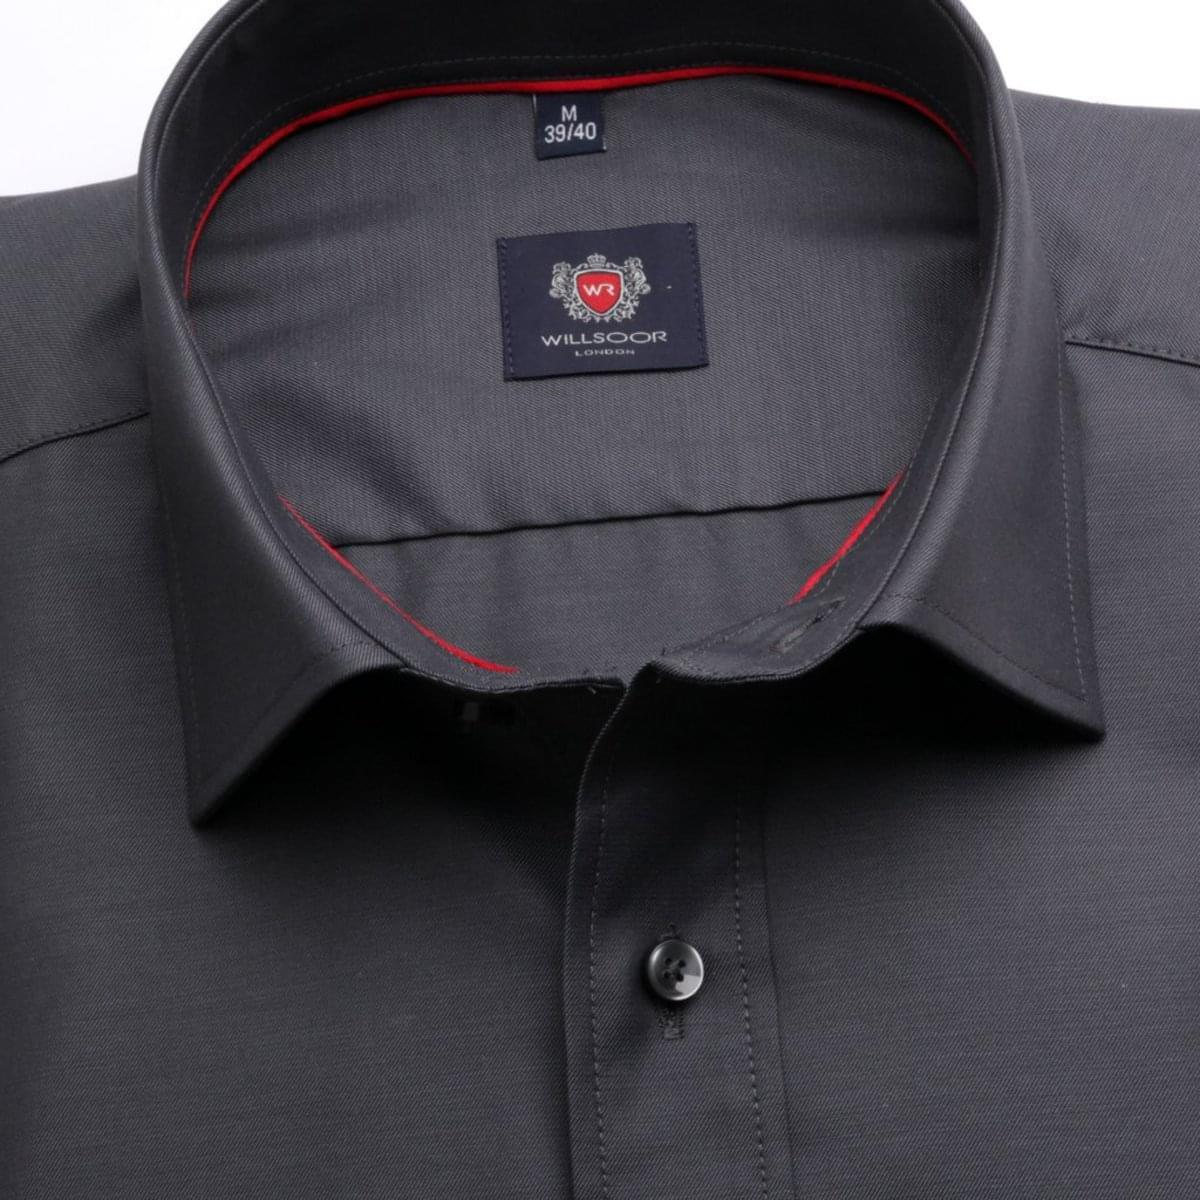 Pánská klasická košile London (výška 188-194) 6744 v grafitové barvě s formulí Easy Care 188-194 / L (41/42)